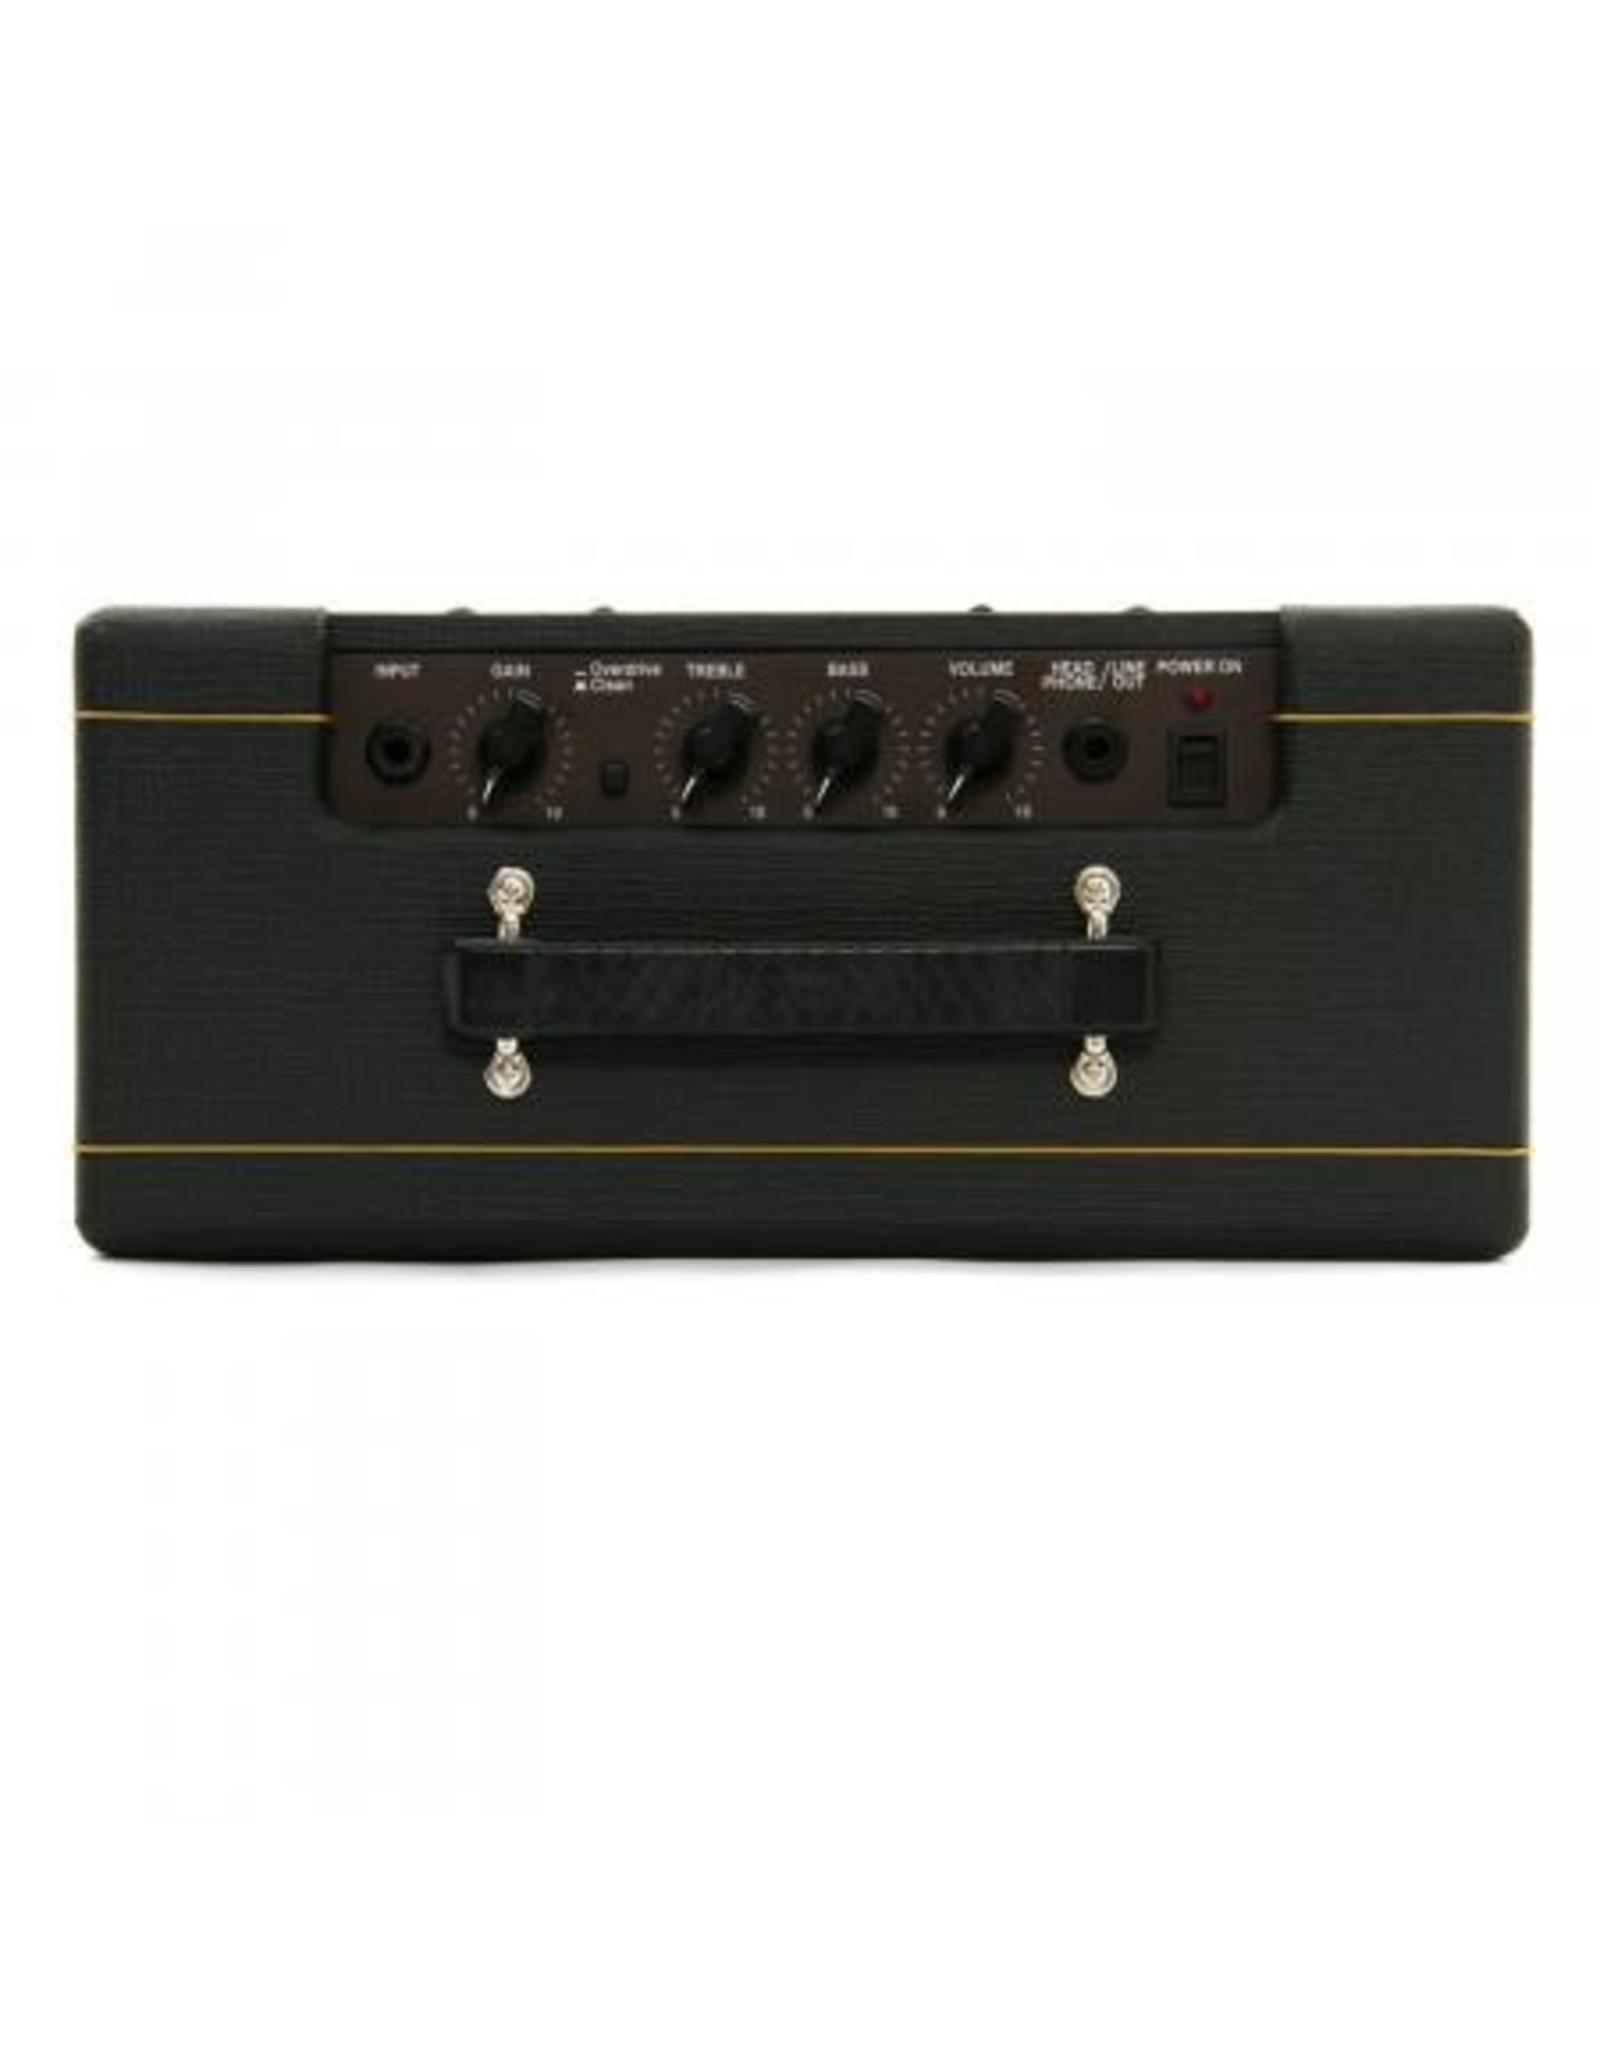 Vox VOX Pathfinder 10wat gitaar oefenversterker